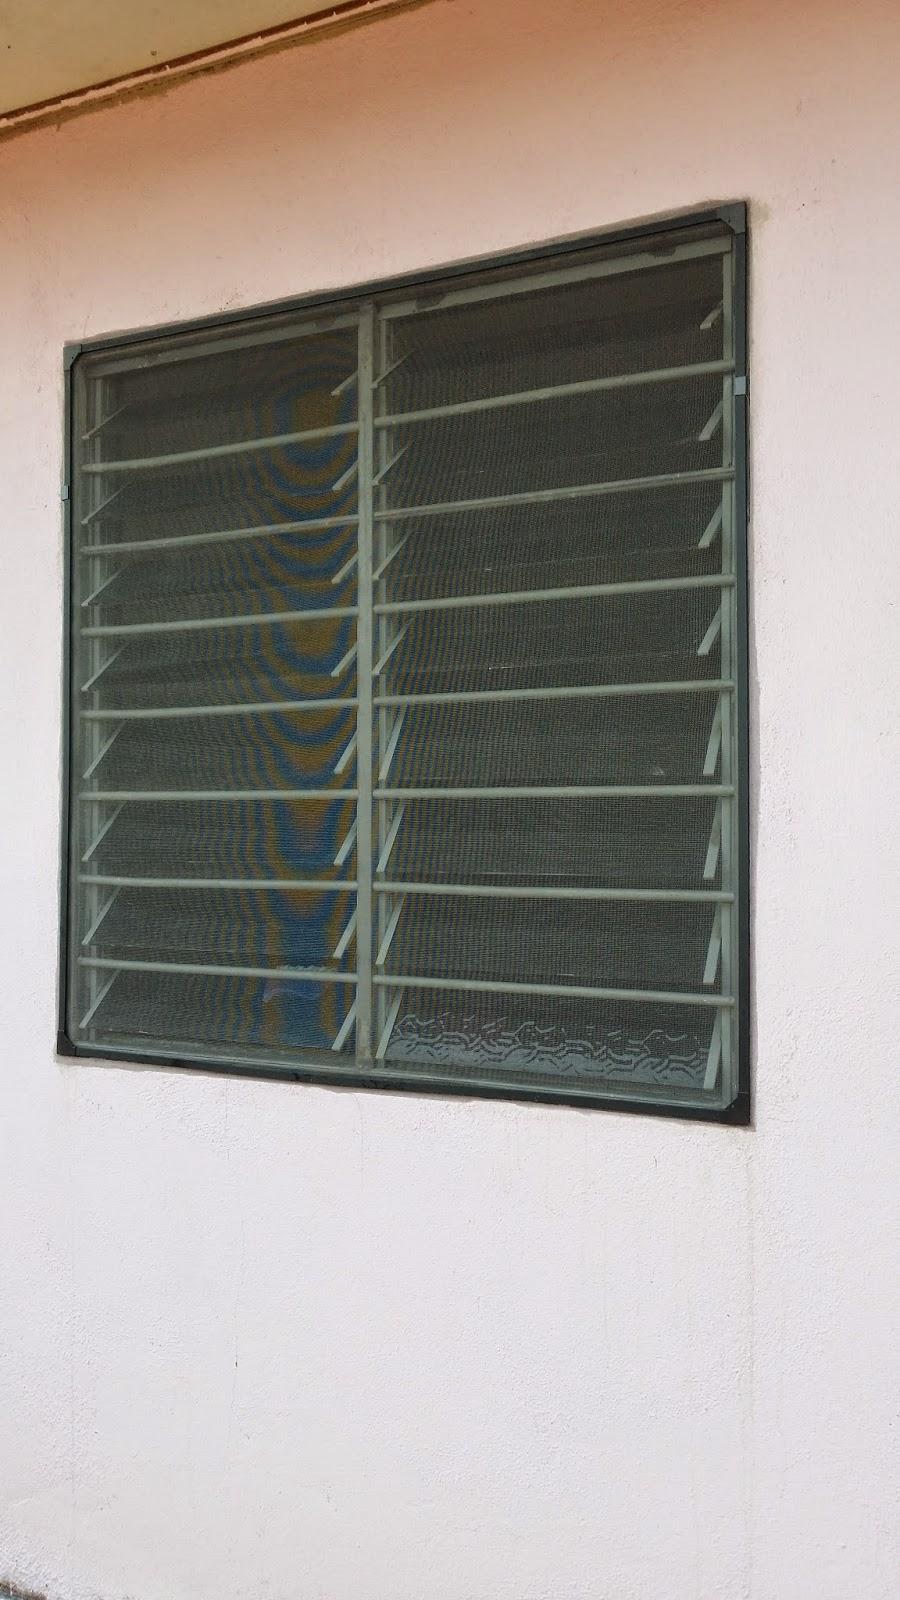 Harga Tingkap Nako Rumah 4 X4 Source Abuse Report